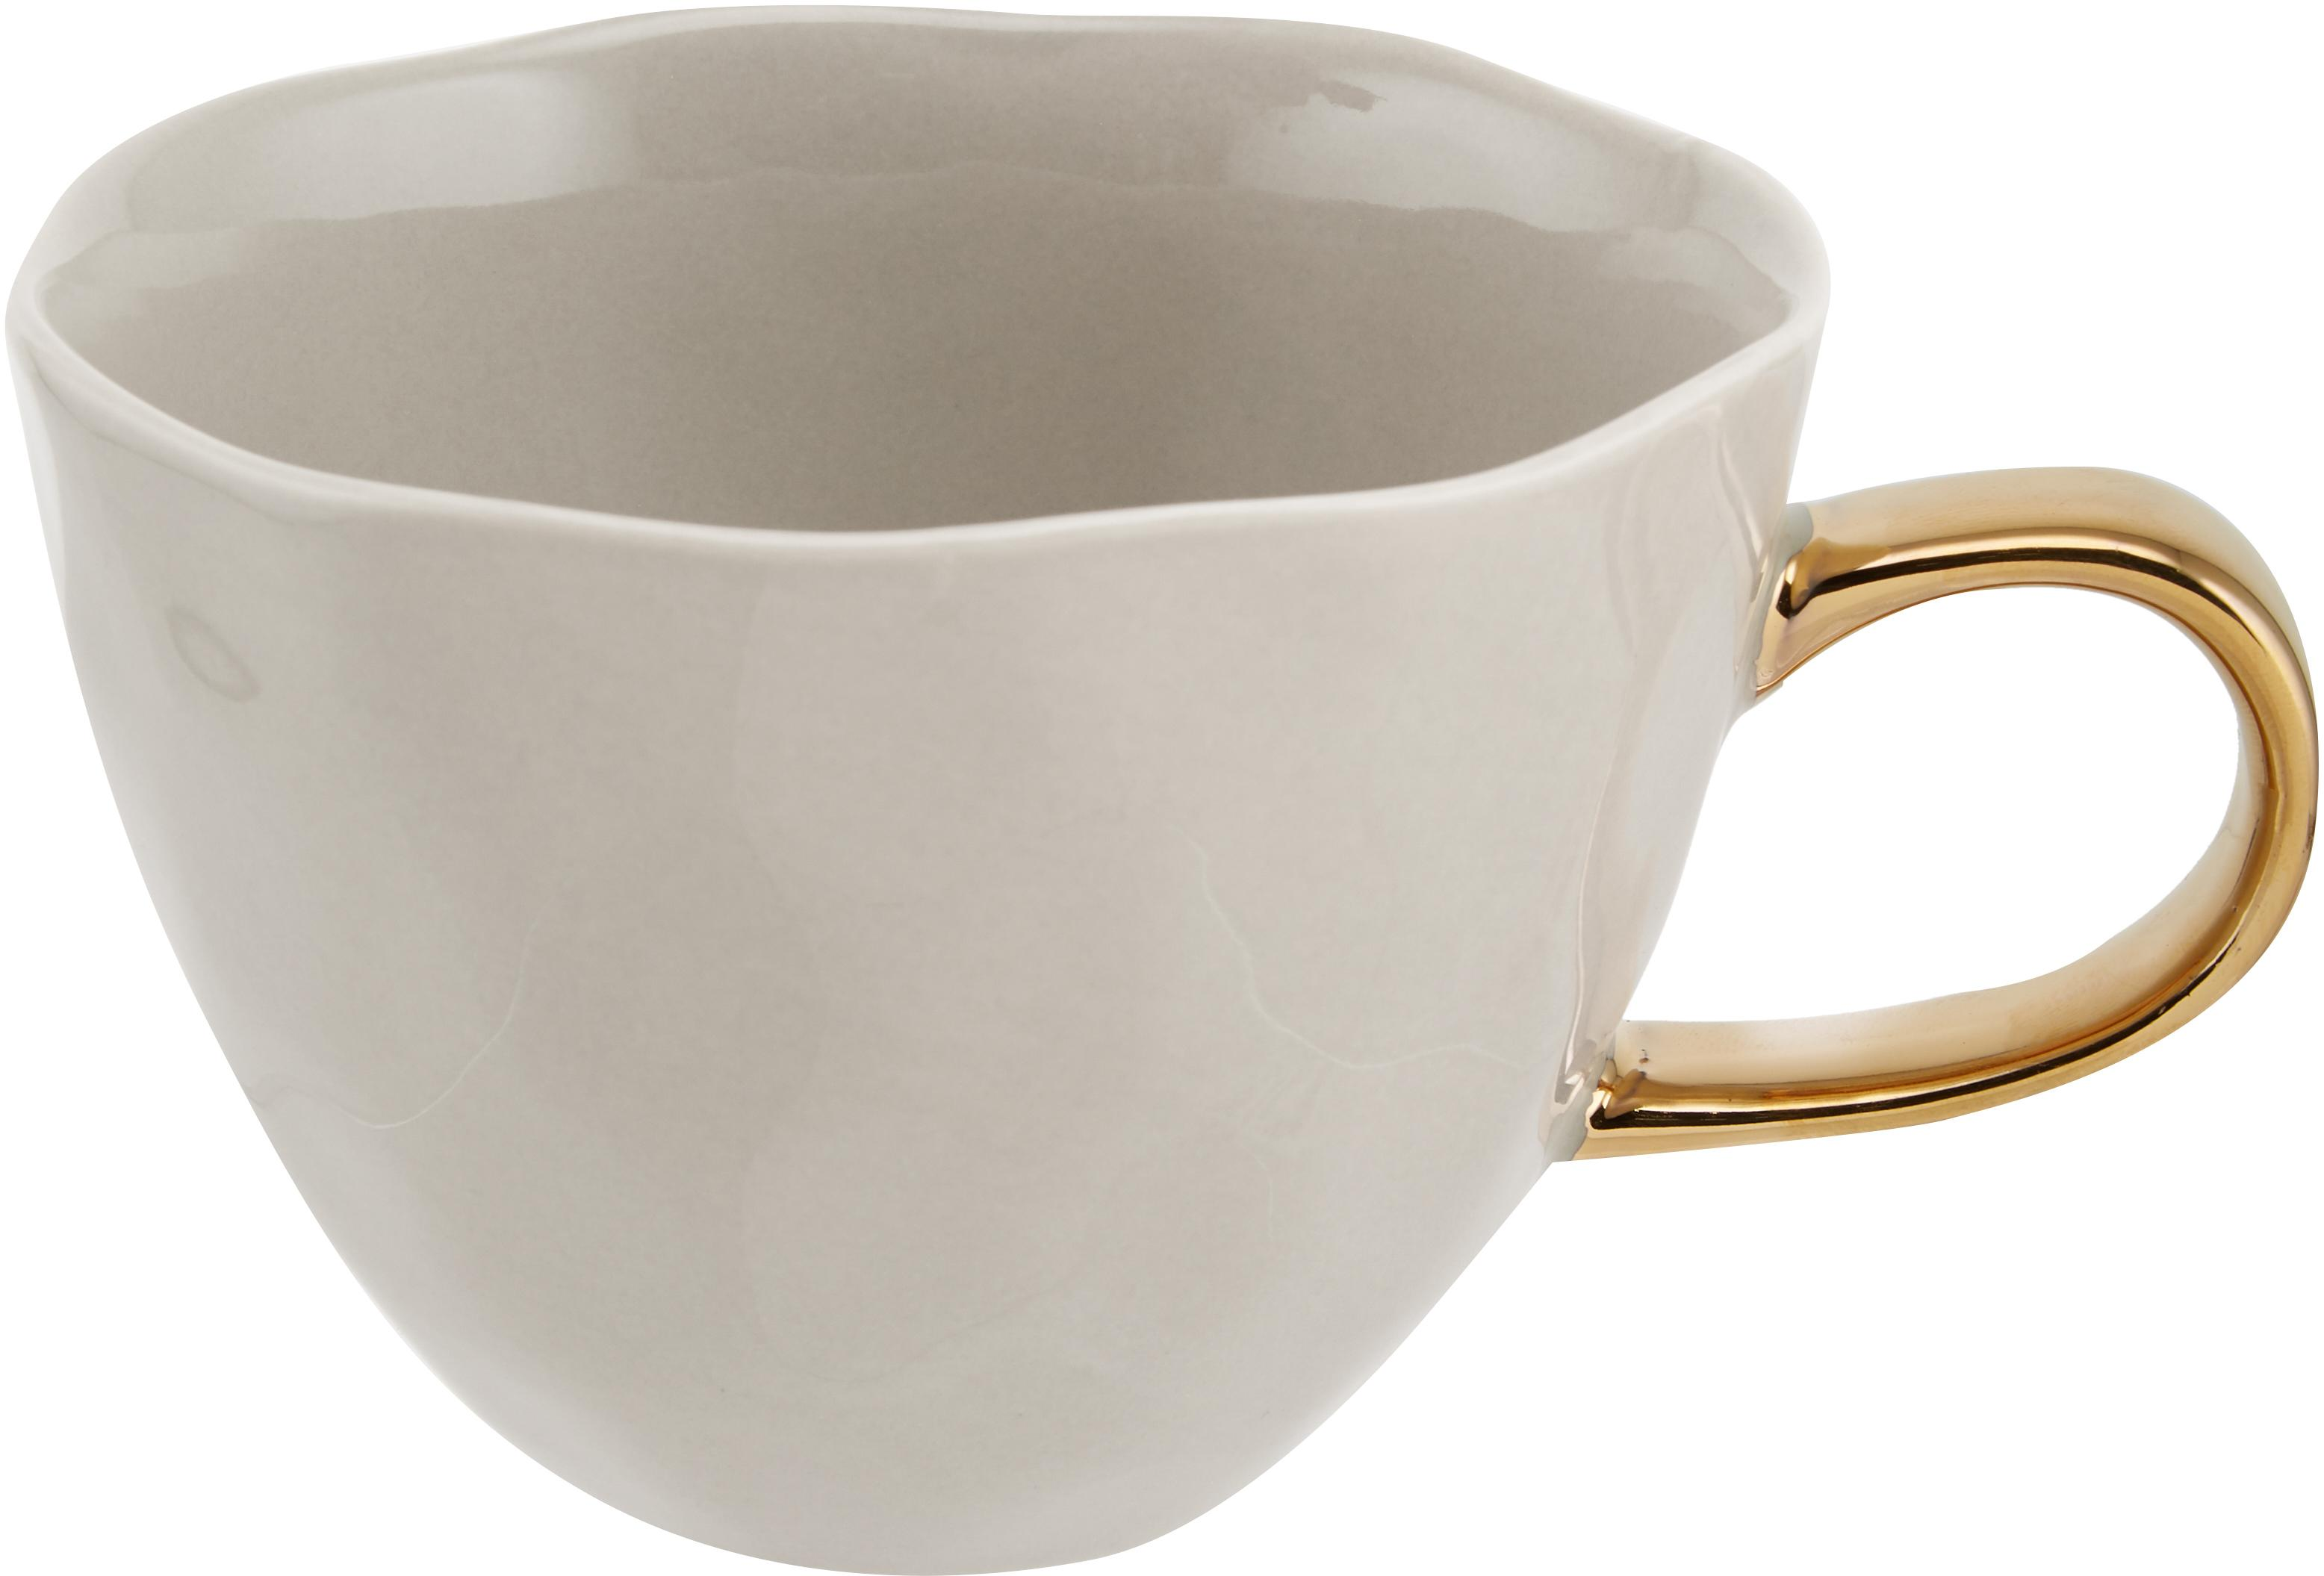 Kubek Good Morning, Kamionka, Szary, odcienie złotego, Ø 11 x W 8 cm